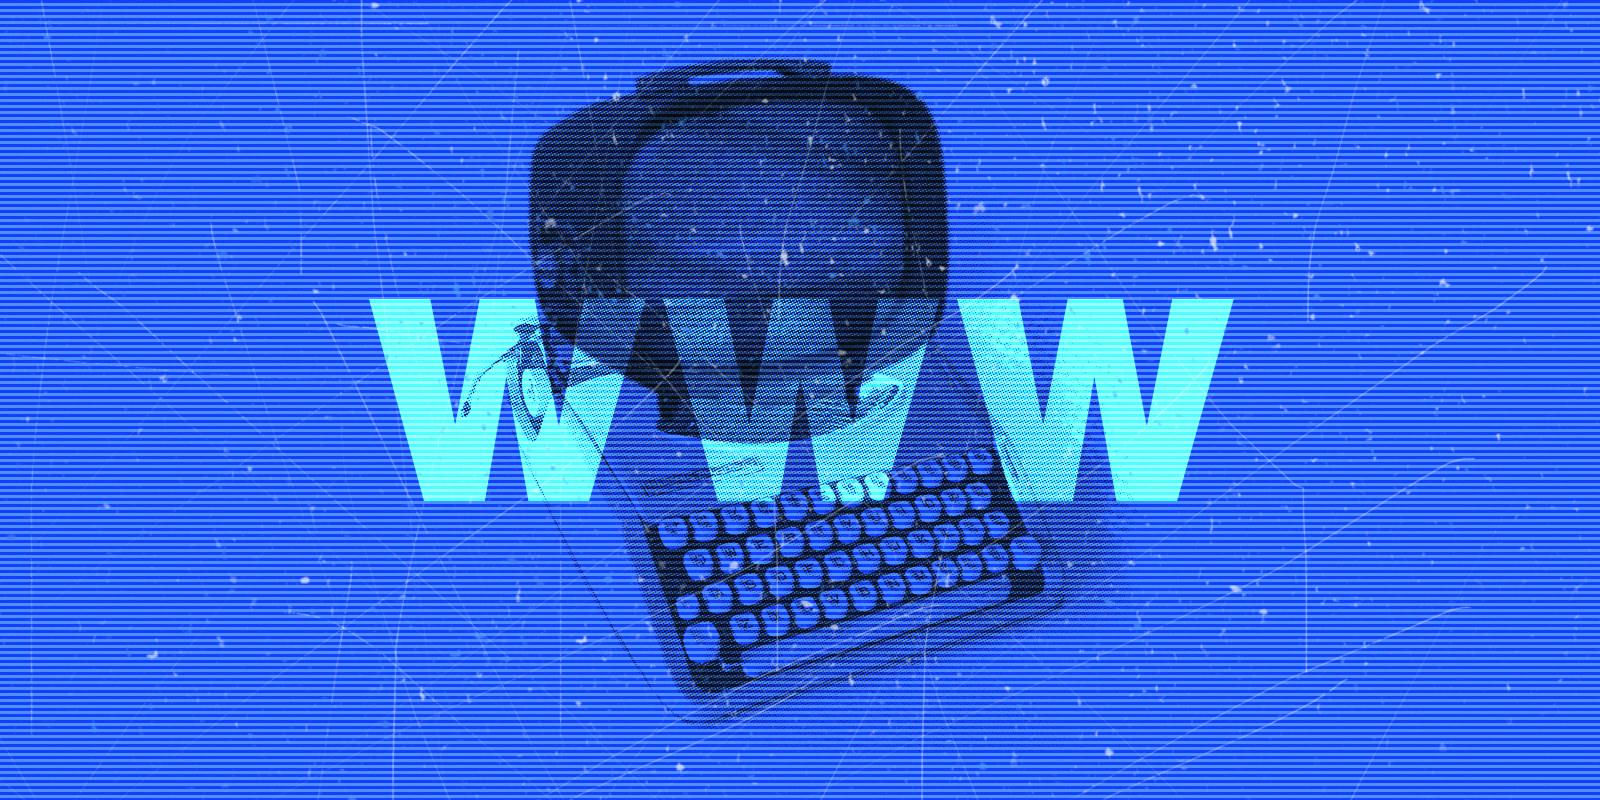 Vigilancia en internet: soluciones al monitoreo legal o ilegal de lo que hacemos en la red